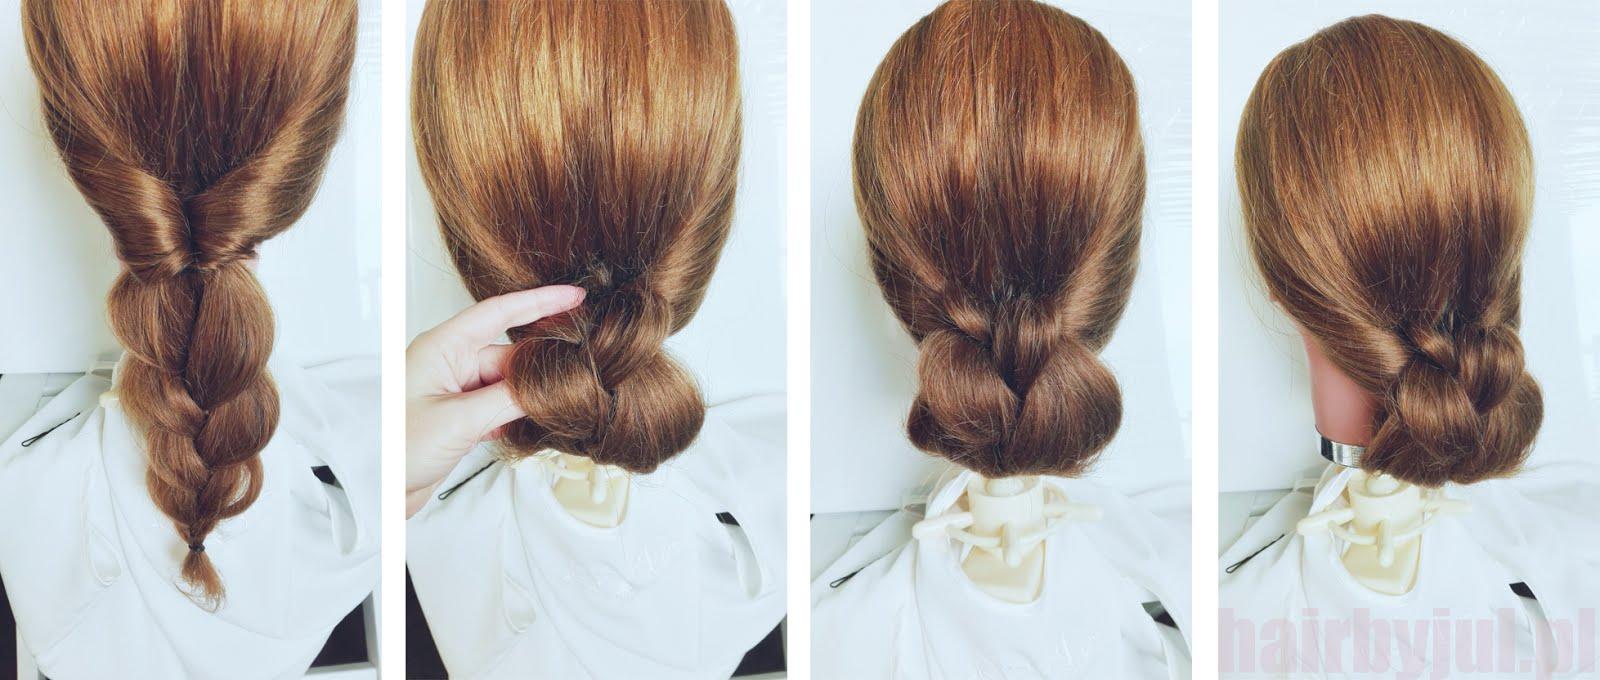 Fryzura W 5 Minut łatwy Koczek Krok Po Kroku Hair By Jul Fryzury